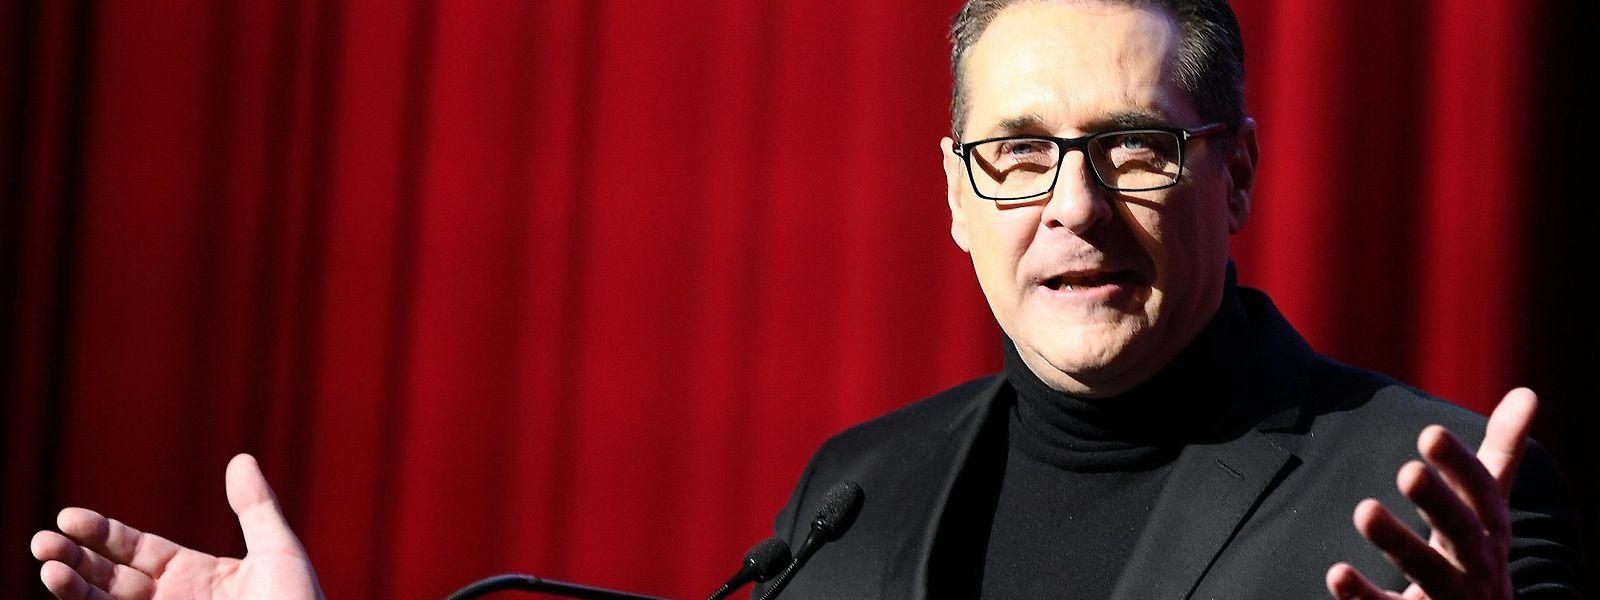 Heinz-Christian Strache, ehemaliger Vorsitzender der FPÖ in Österreich.